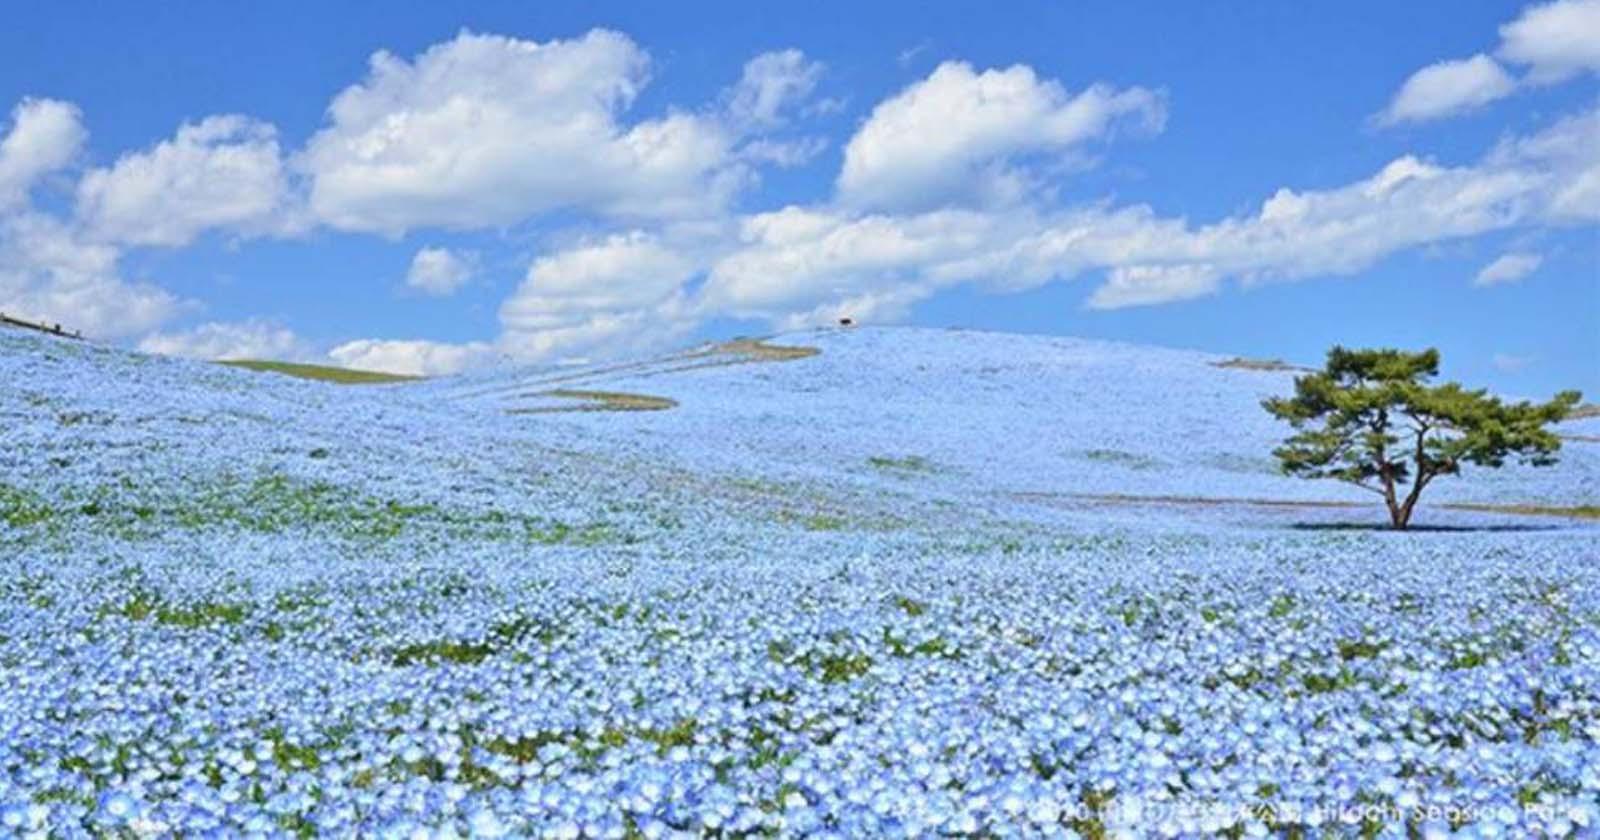 Mais de cinco milhões de flores azuis compõem paisagem deslumbrante no Japão 1